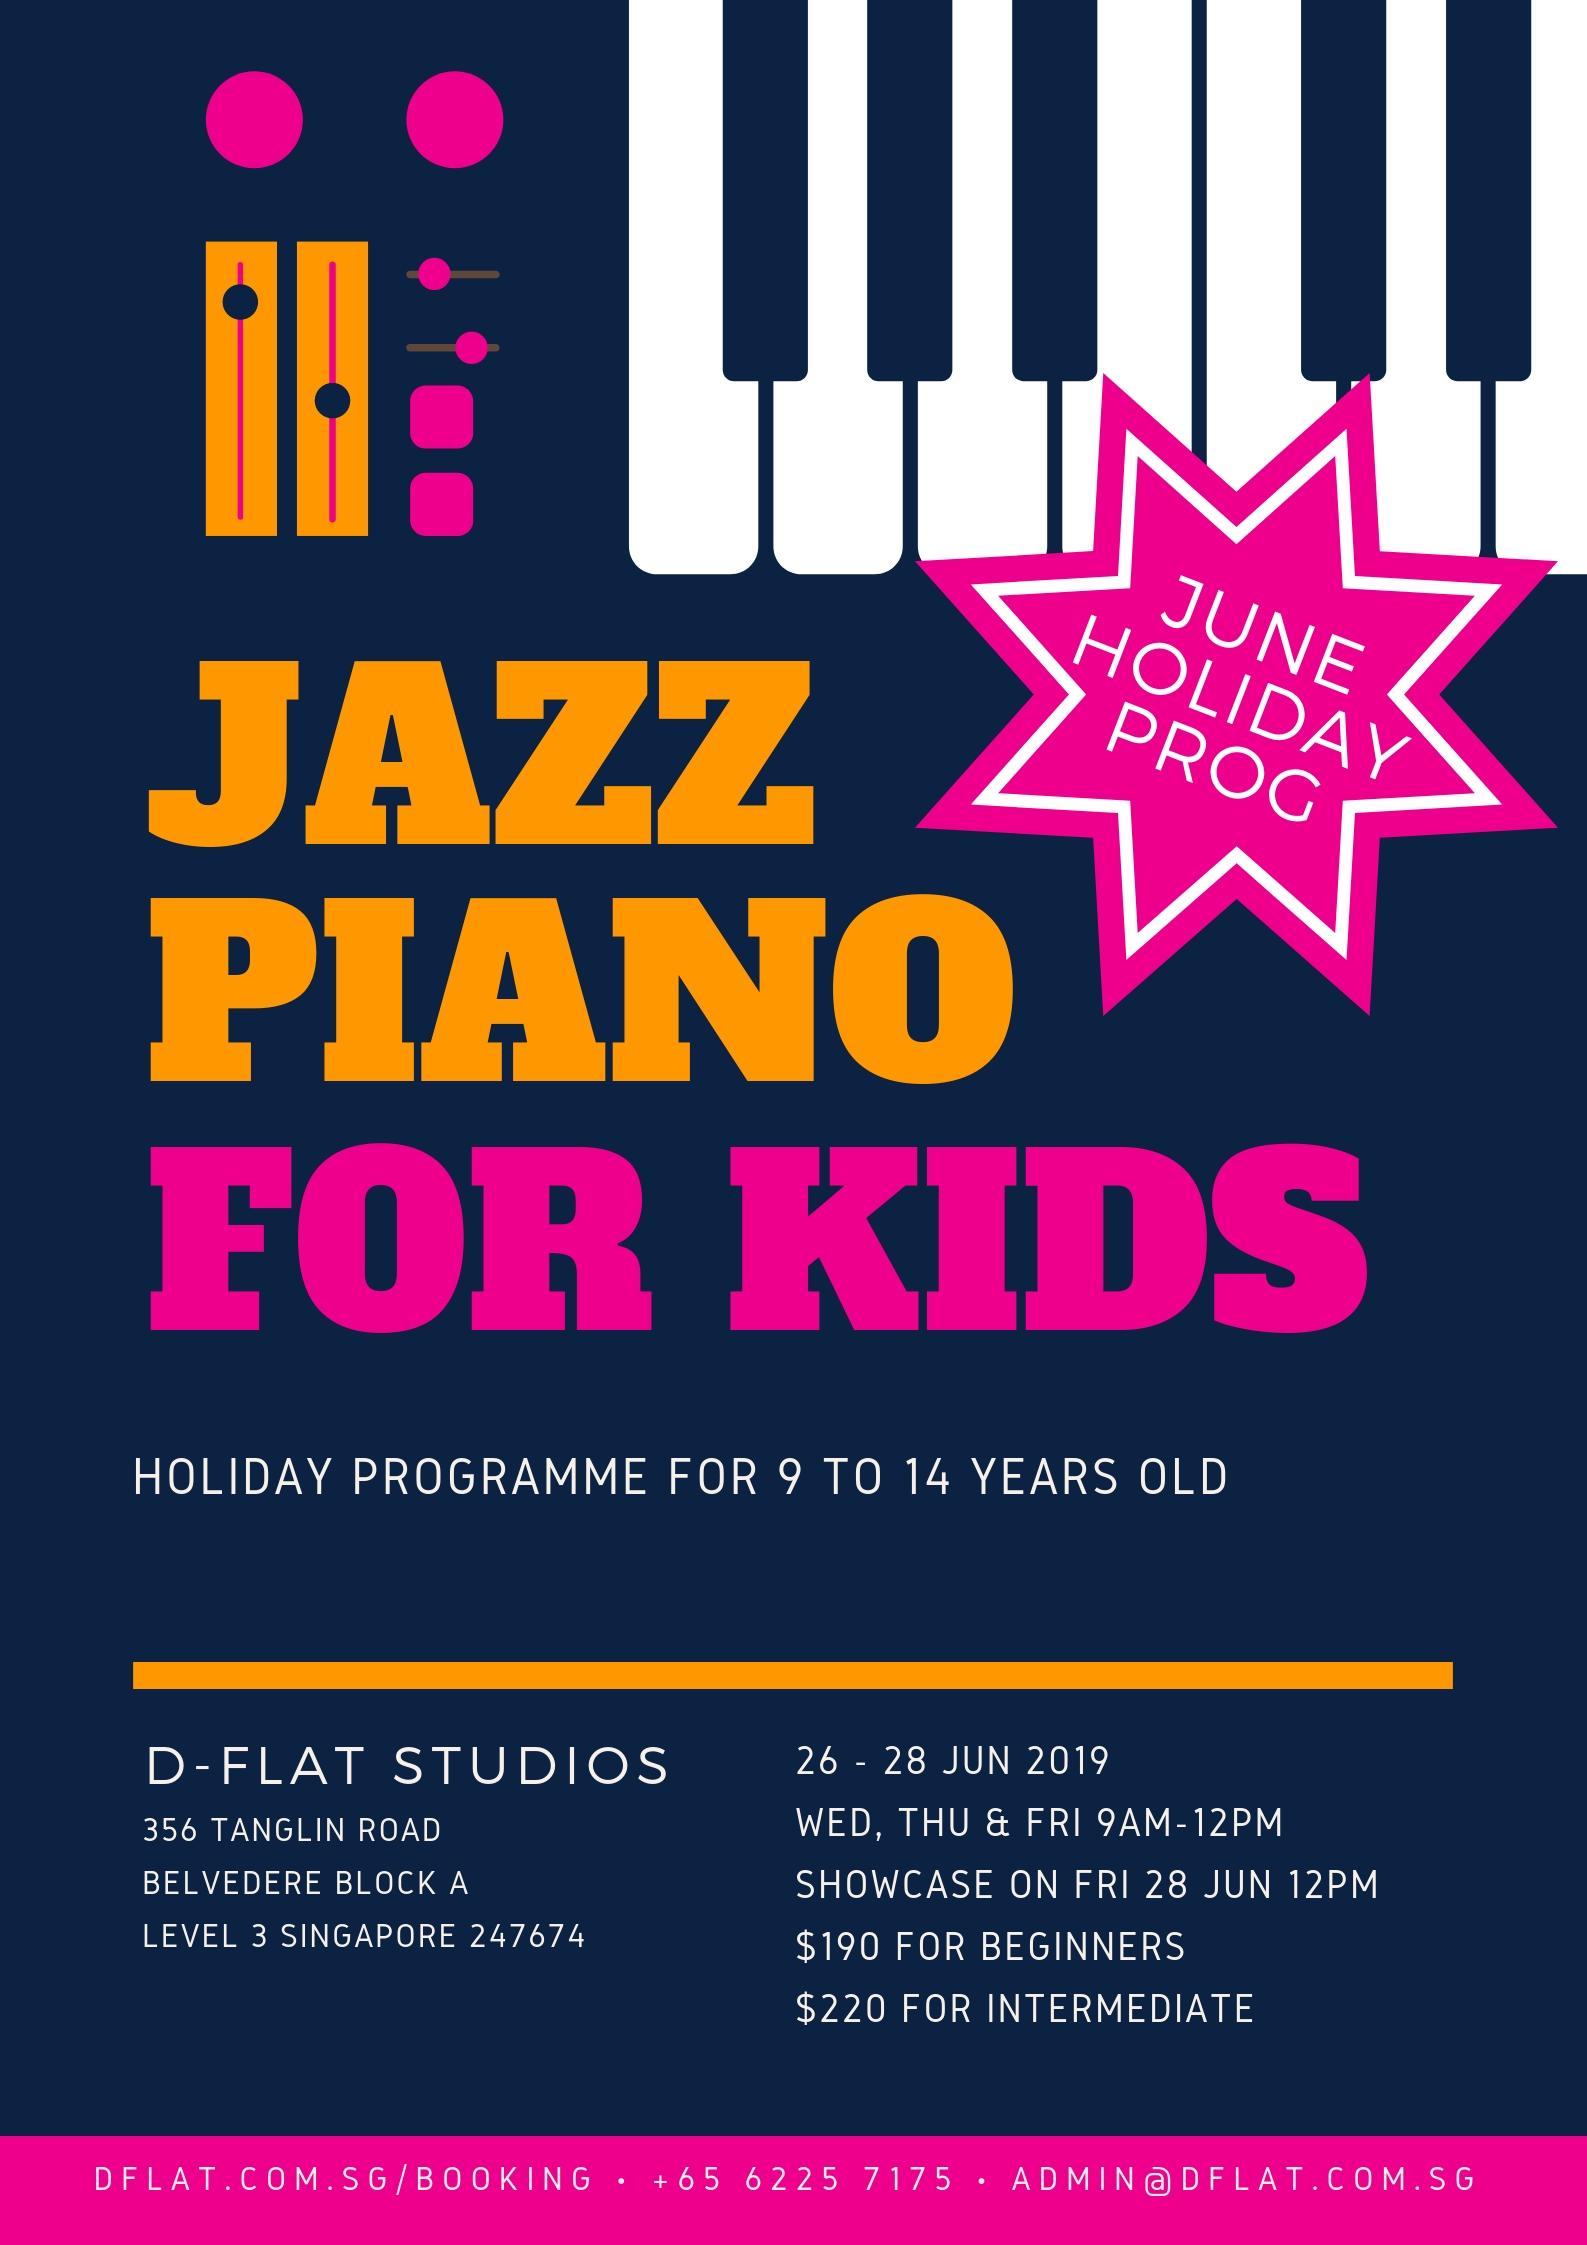 dflatstudios_jazz_for_kids_june_2019.jpg